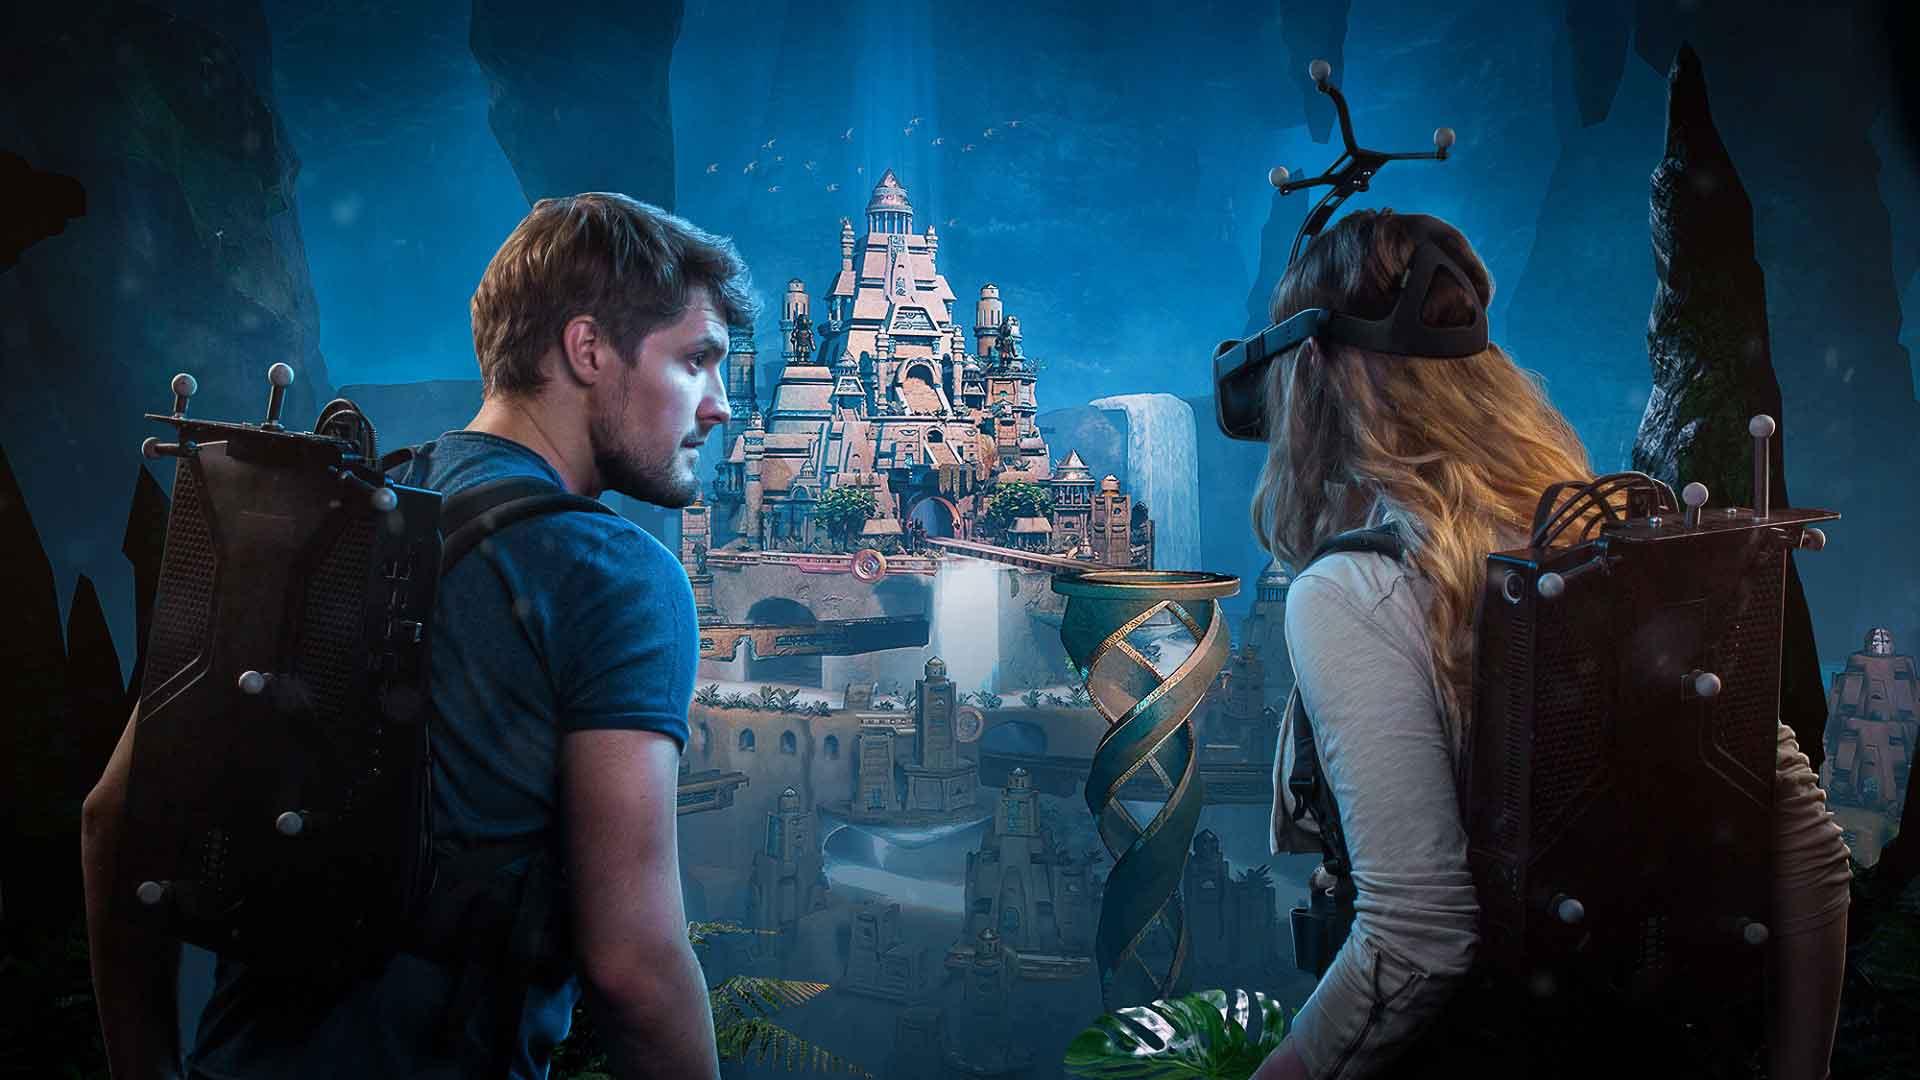 Виртуальная реальность: бизнес по франшизе